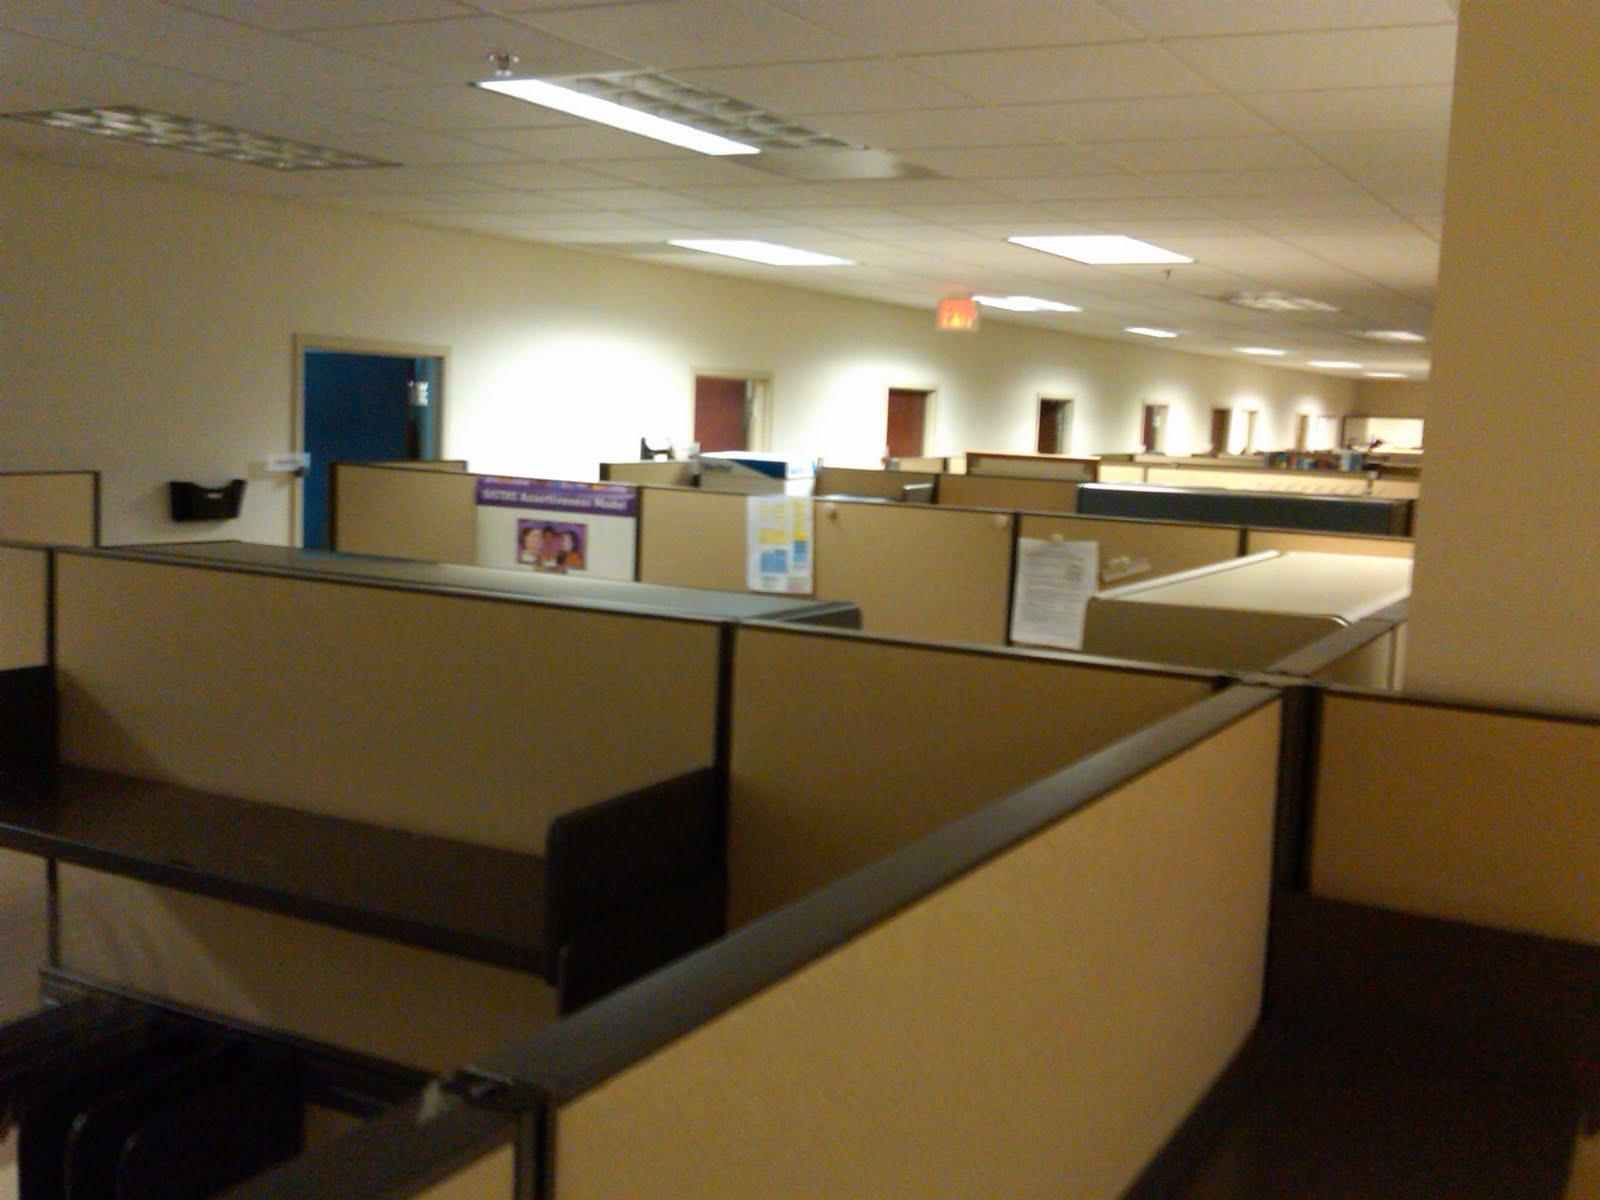 Tornado Slide An Office And A Gentleman 1600x1200